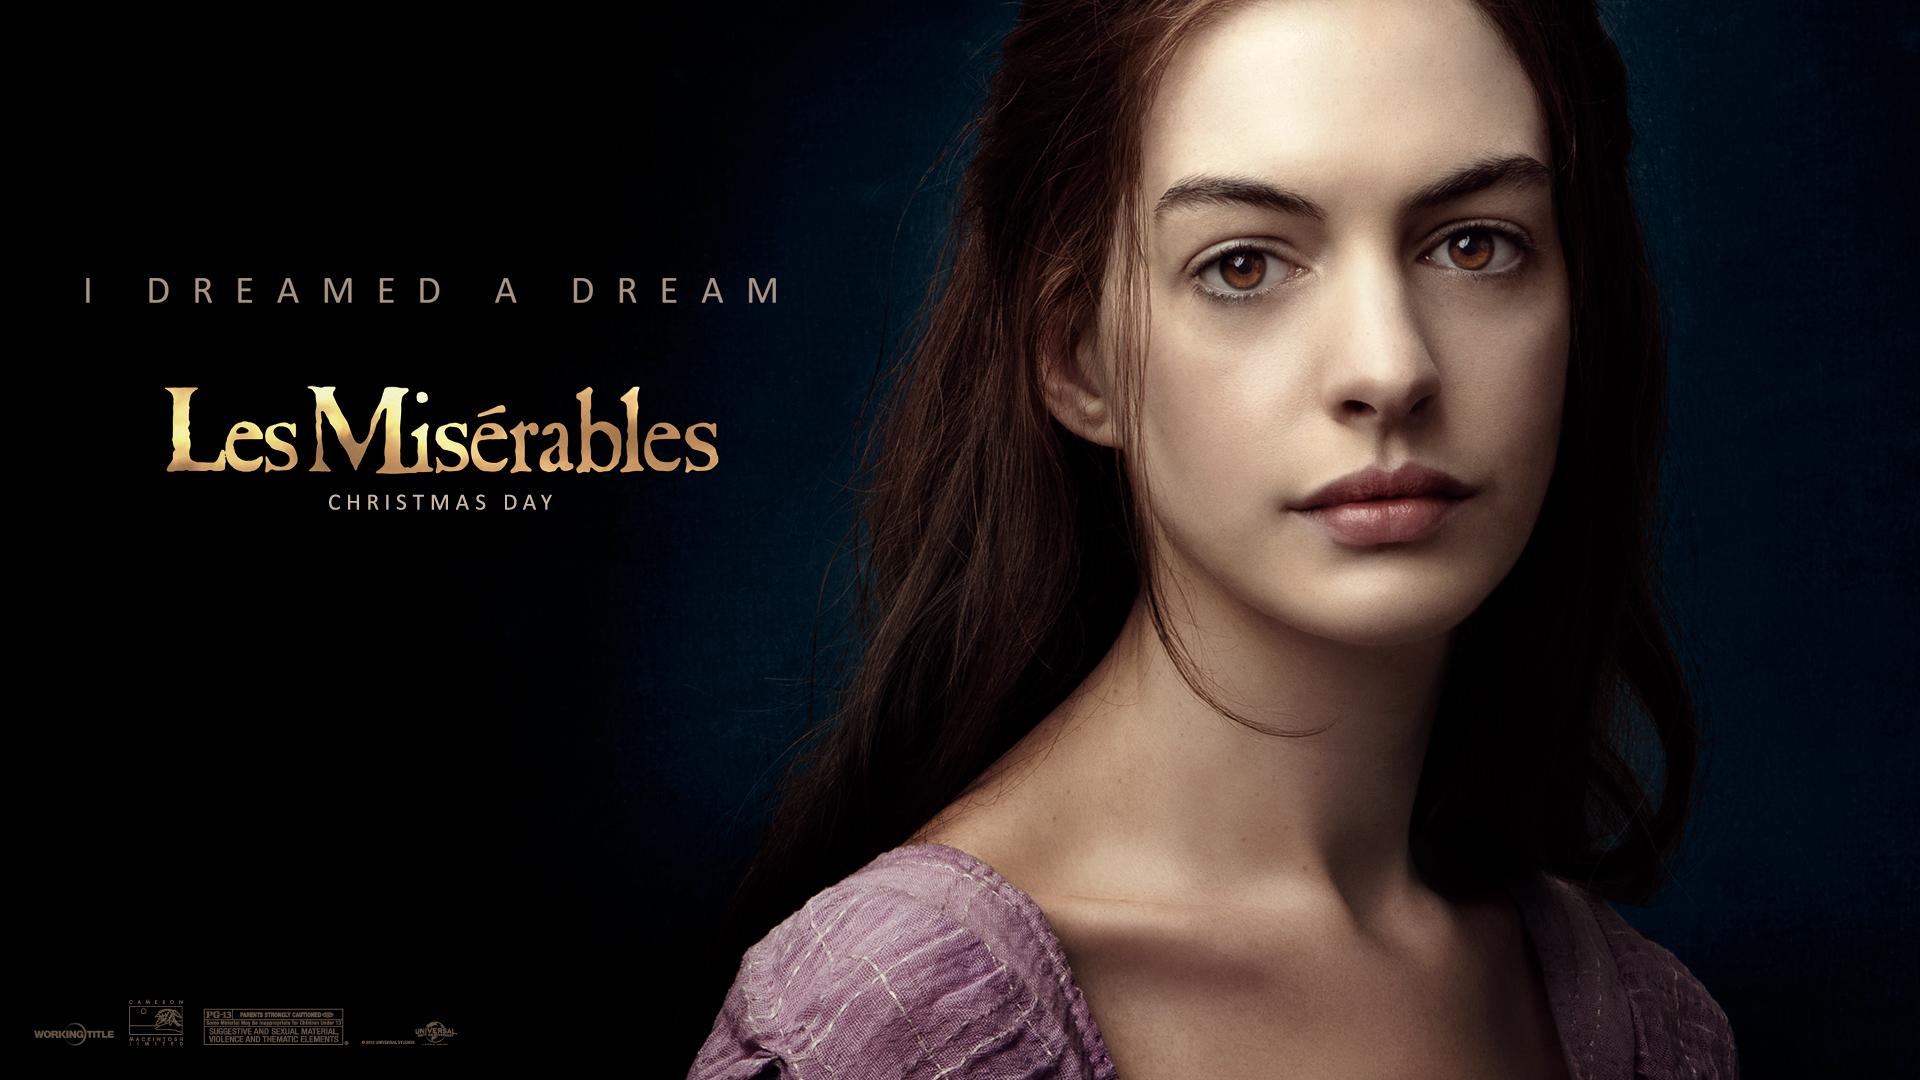 Les Misérables 2012 movie